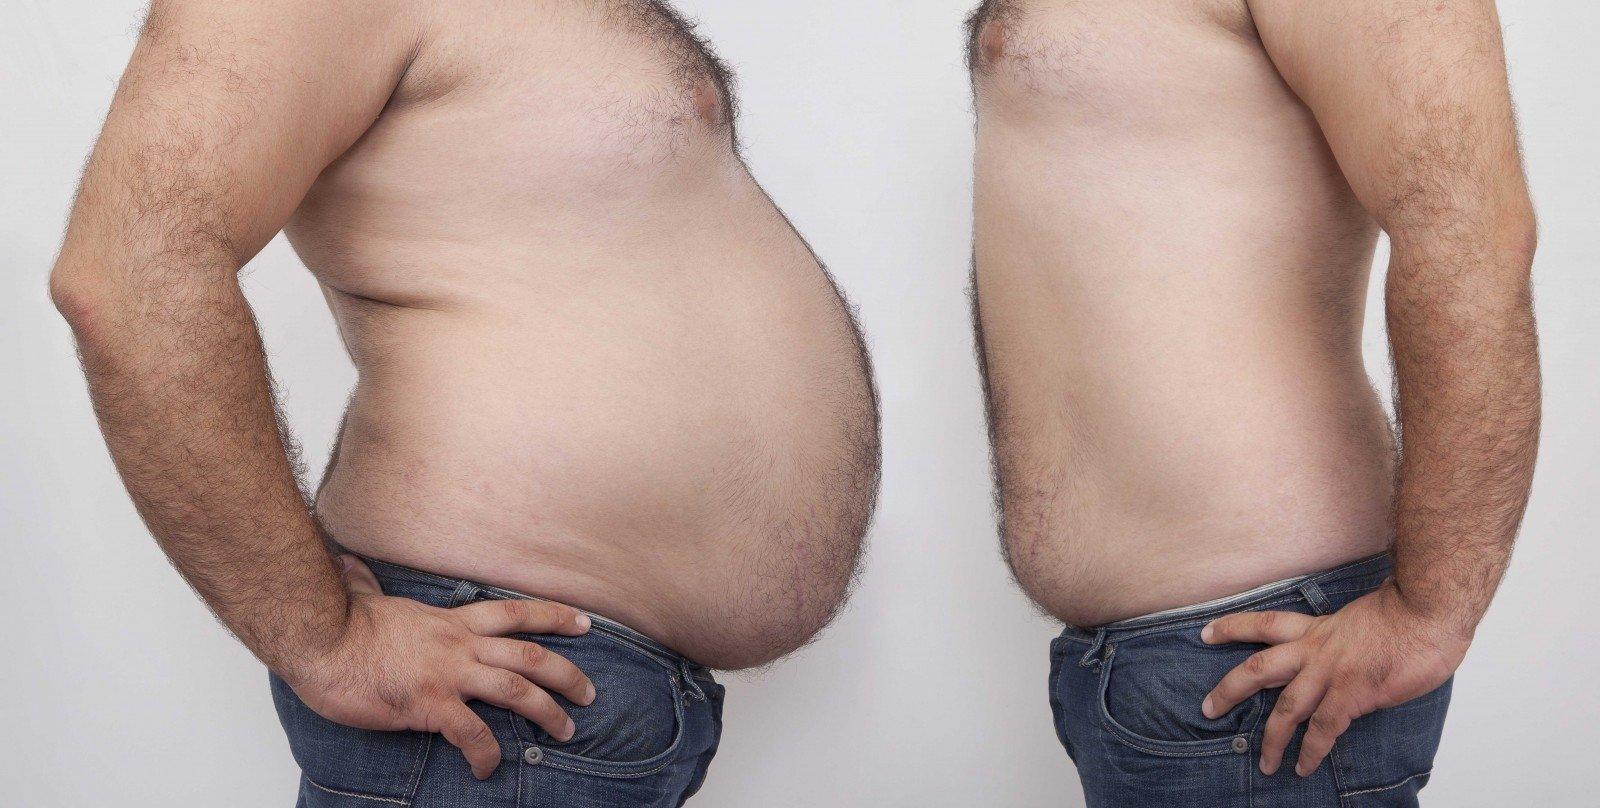 kaip numesti riebalus neprarandant masės ar dulkinimasis dažnai verčia numesti svorio